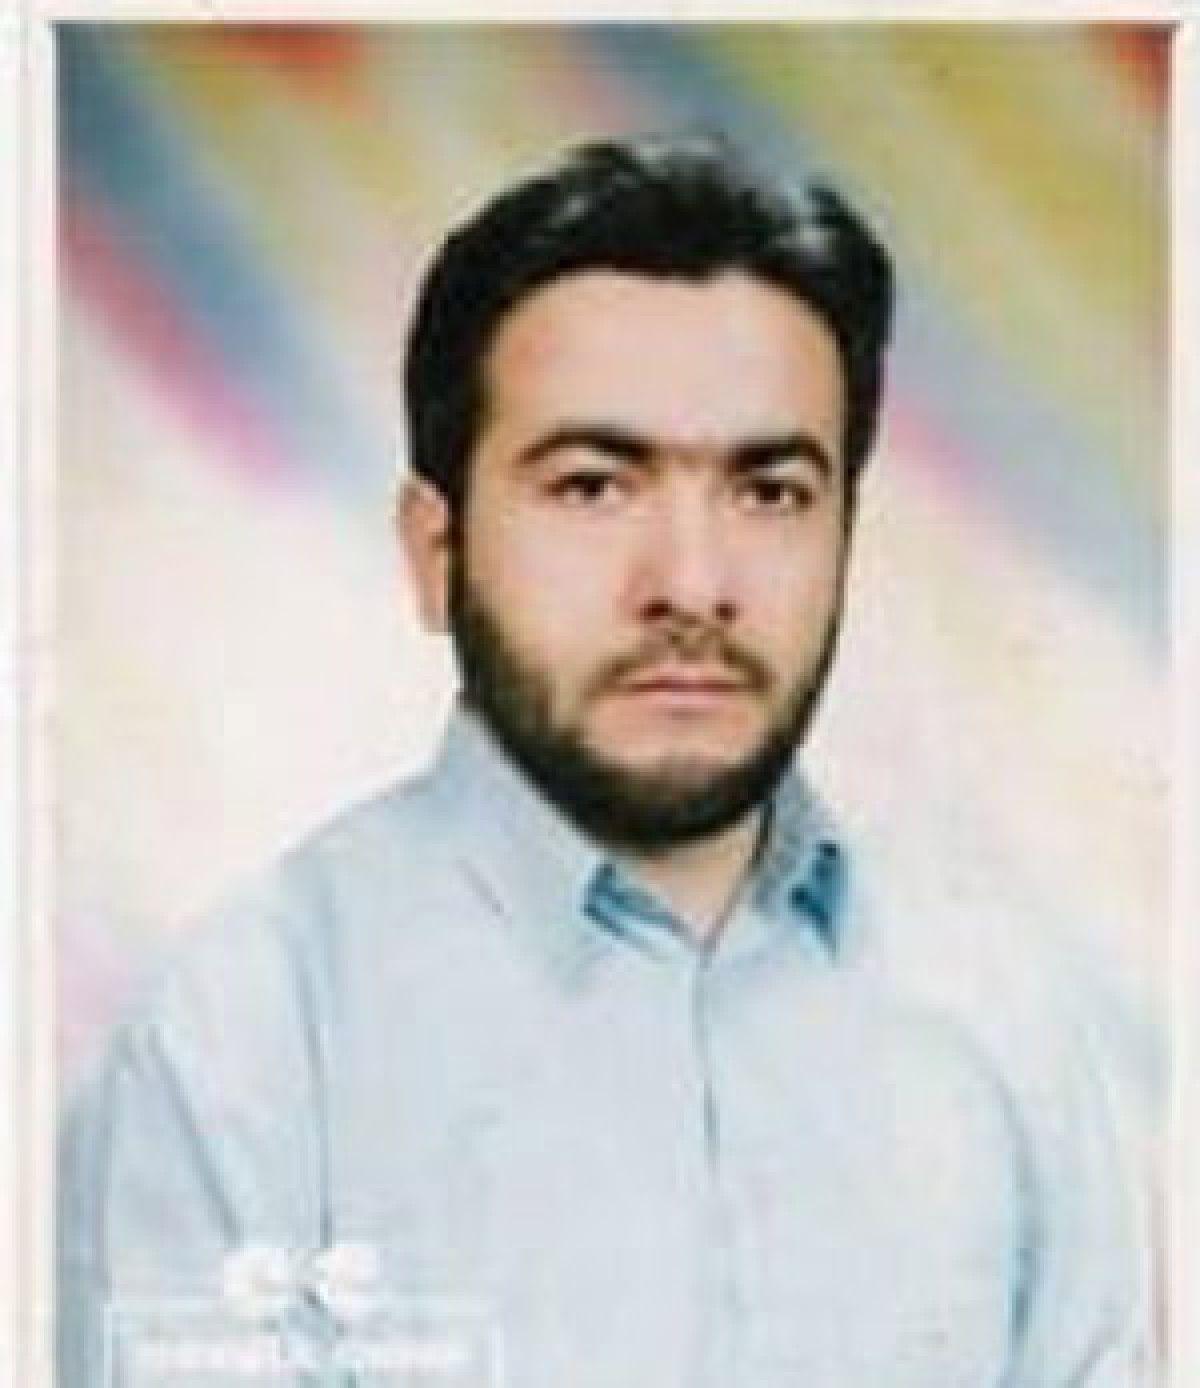 Almanya da öldürülen Mahmut, katilinin sesini kaydetti #4